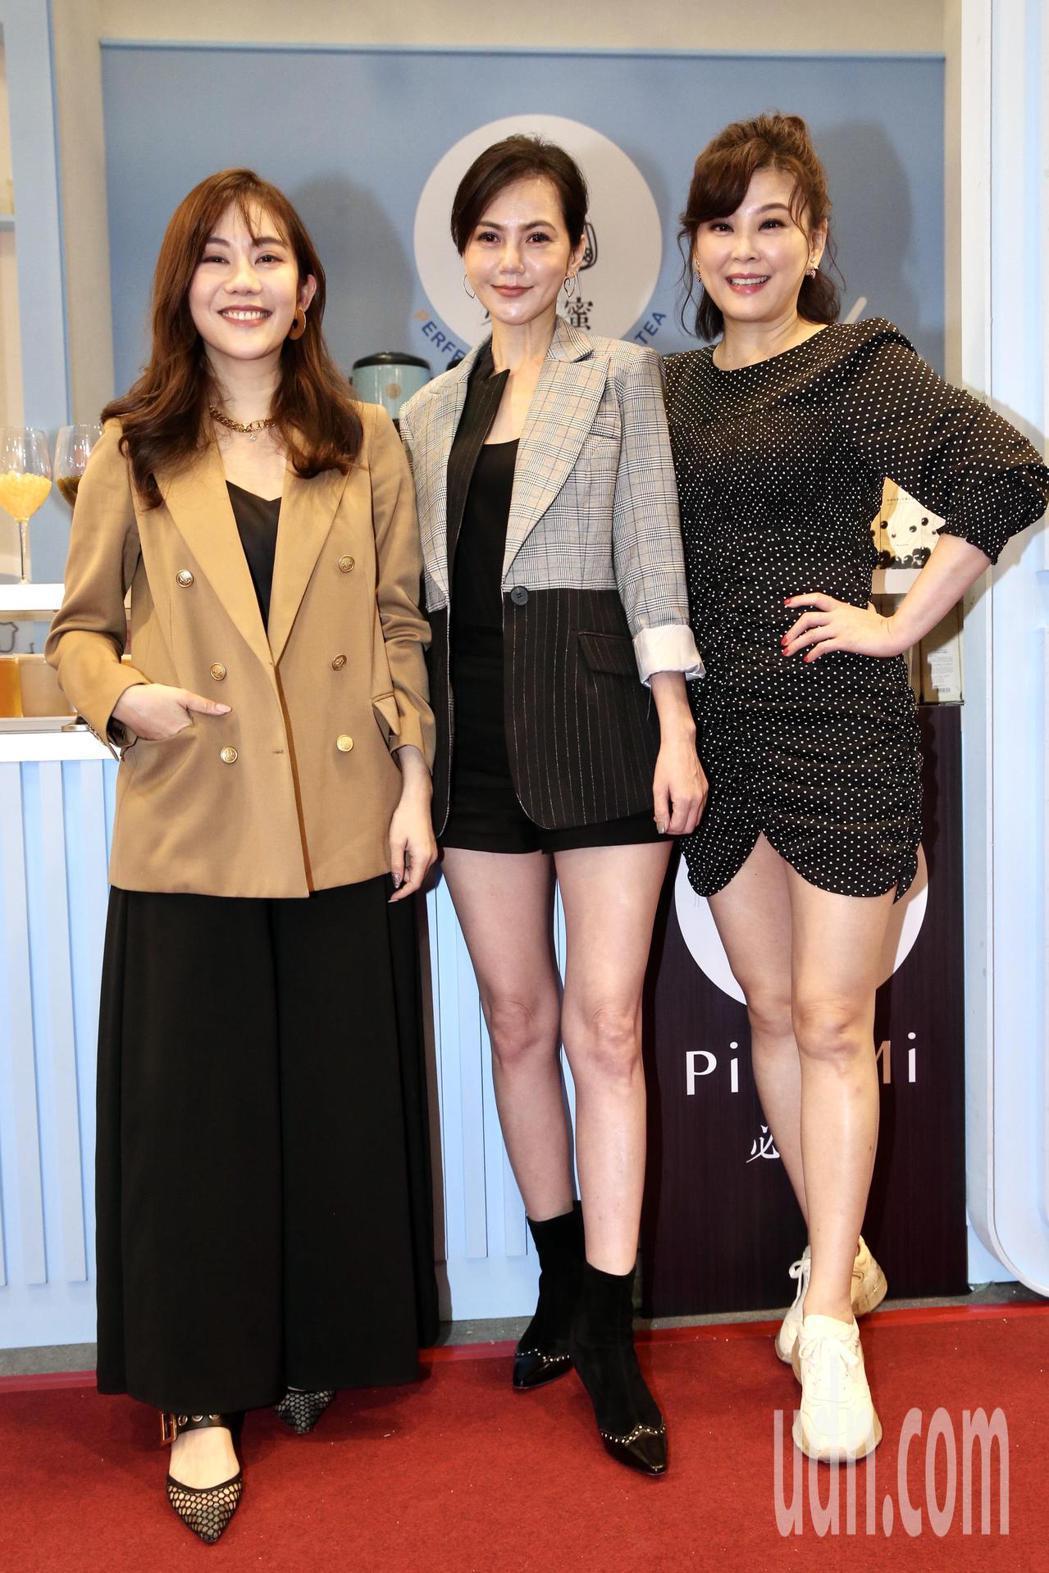 藝人簡沛恩(中)手搖品牌參加加盟展,揪閨蜜方馨(右)、王宇婕(左)站台。記者林俊